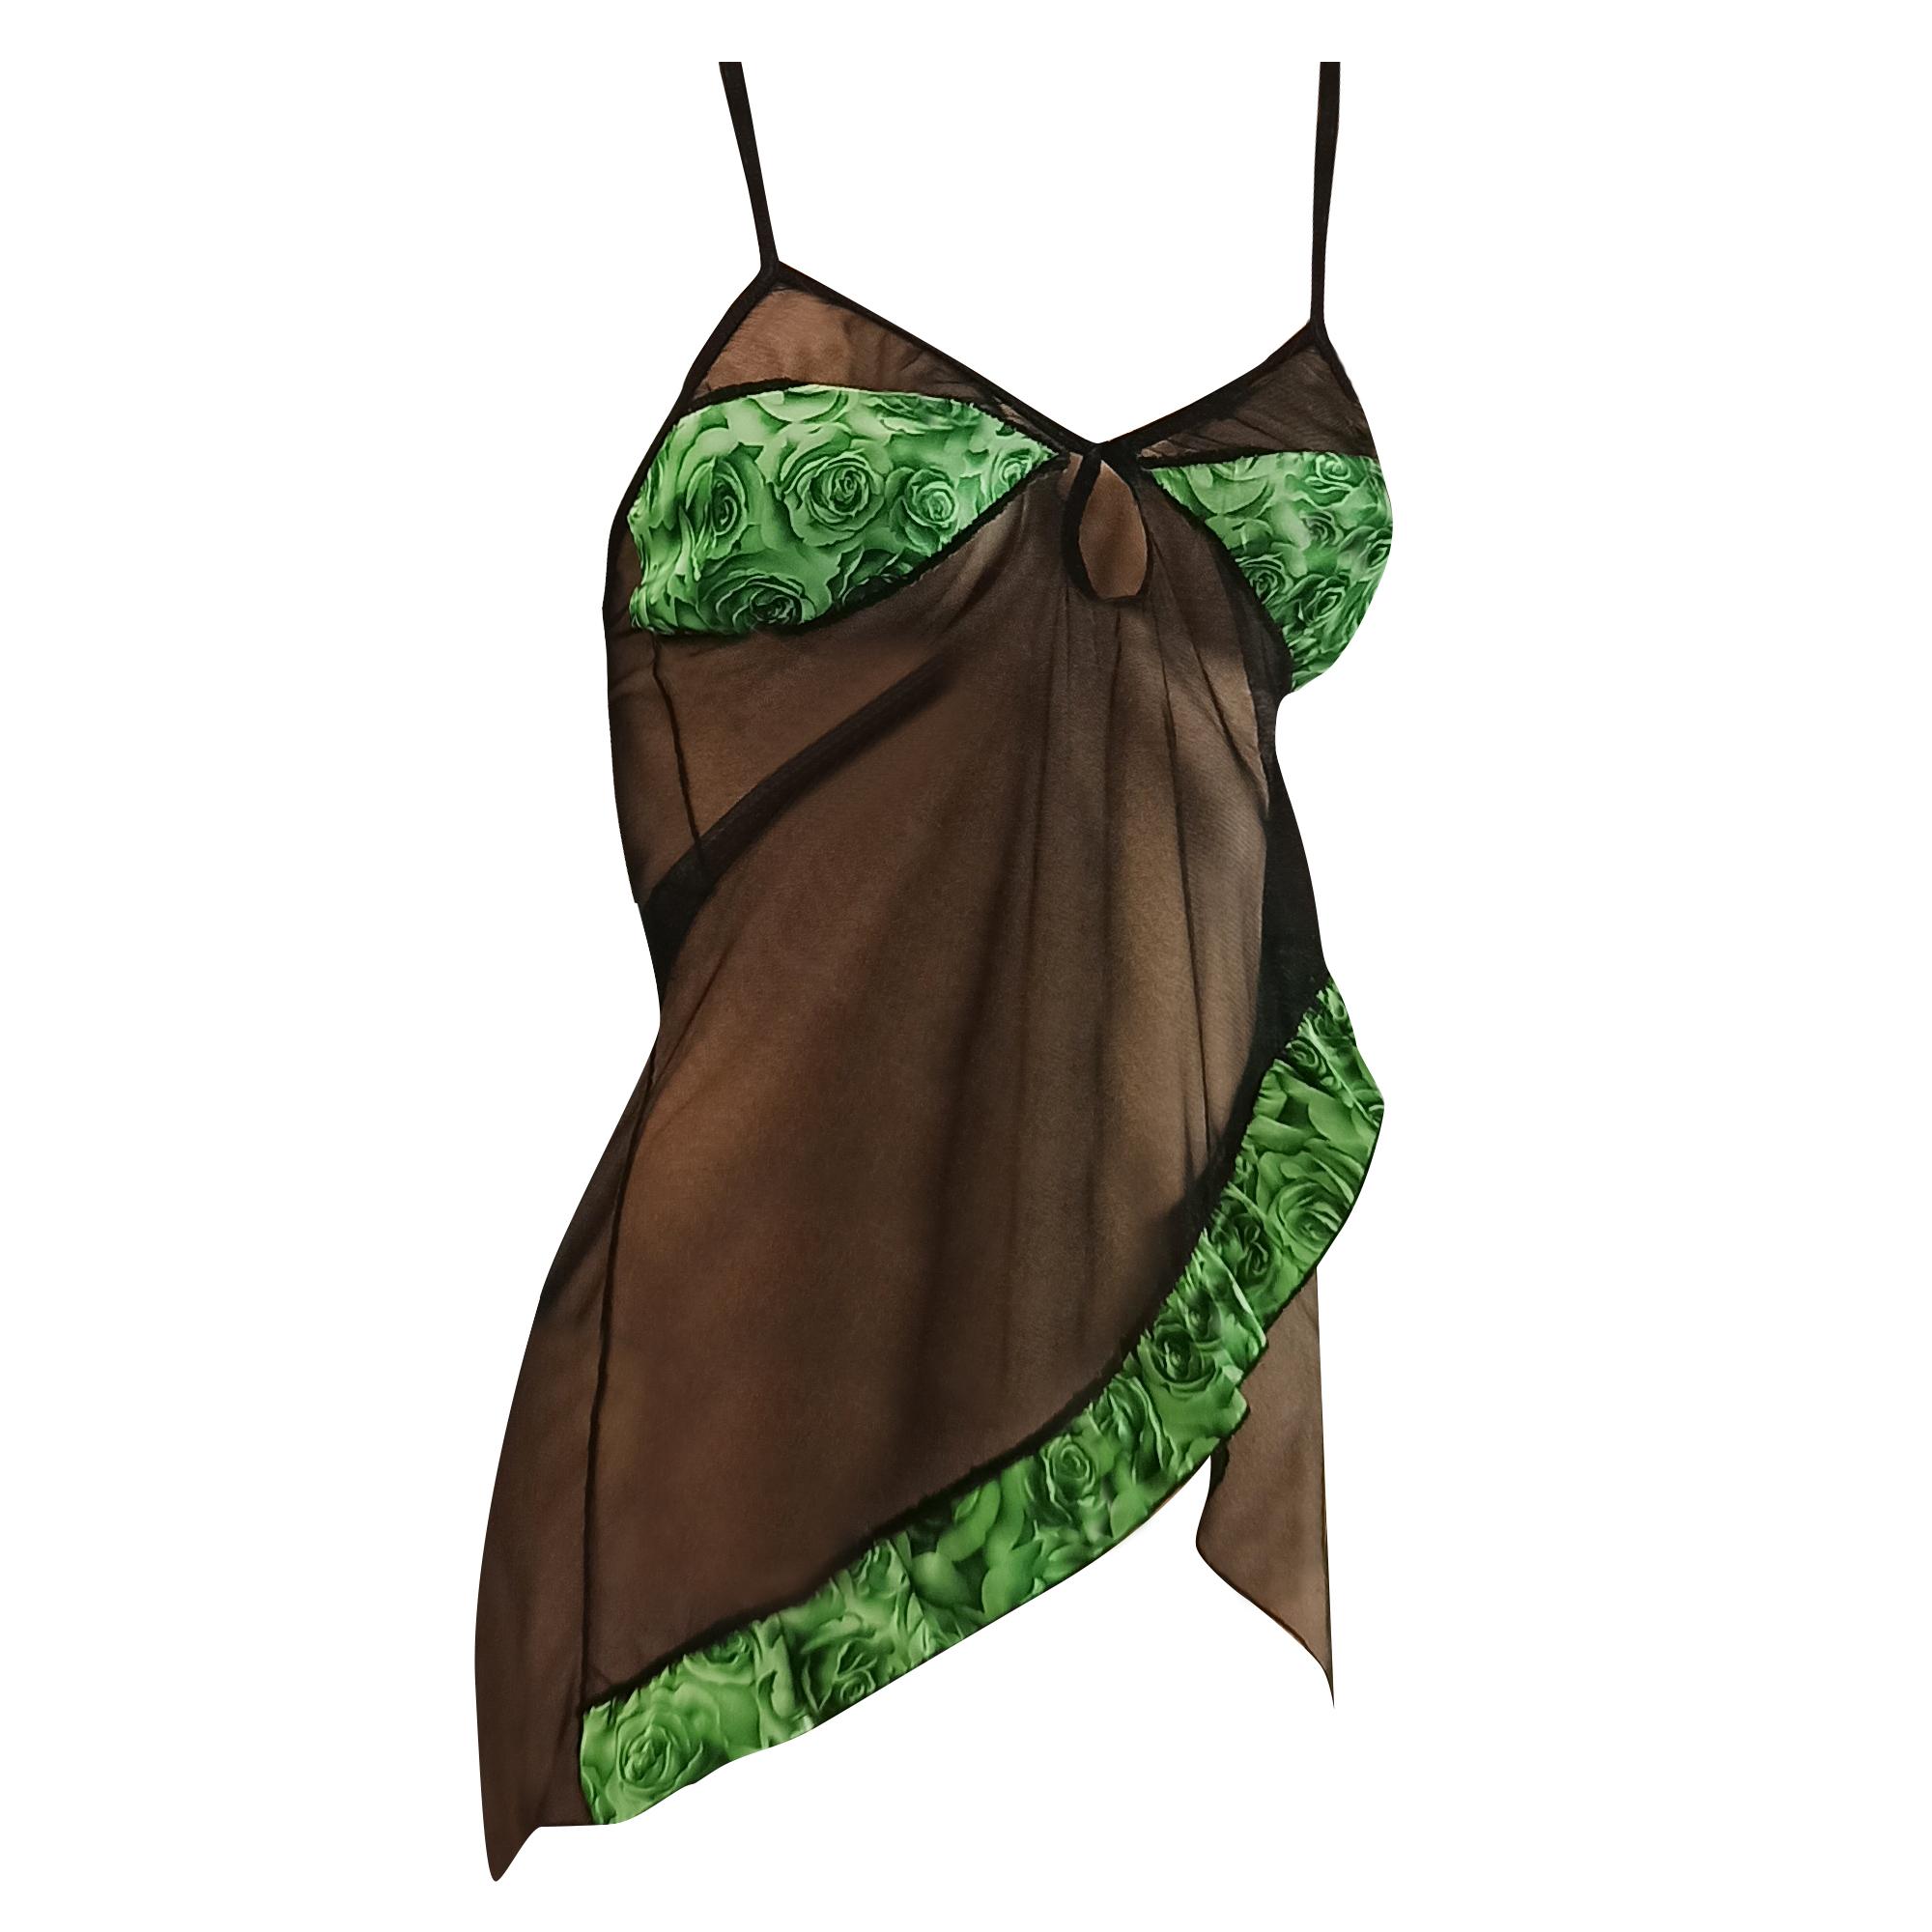 لباس خواب زنانه کد 8716 -  - 3